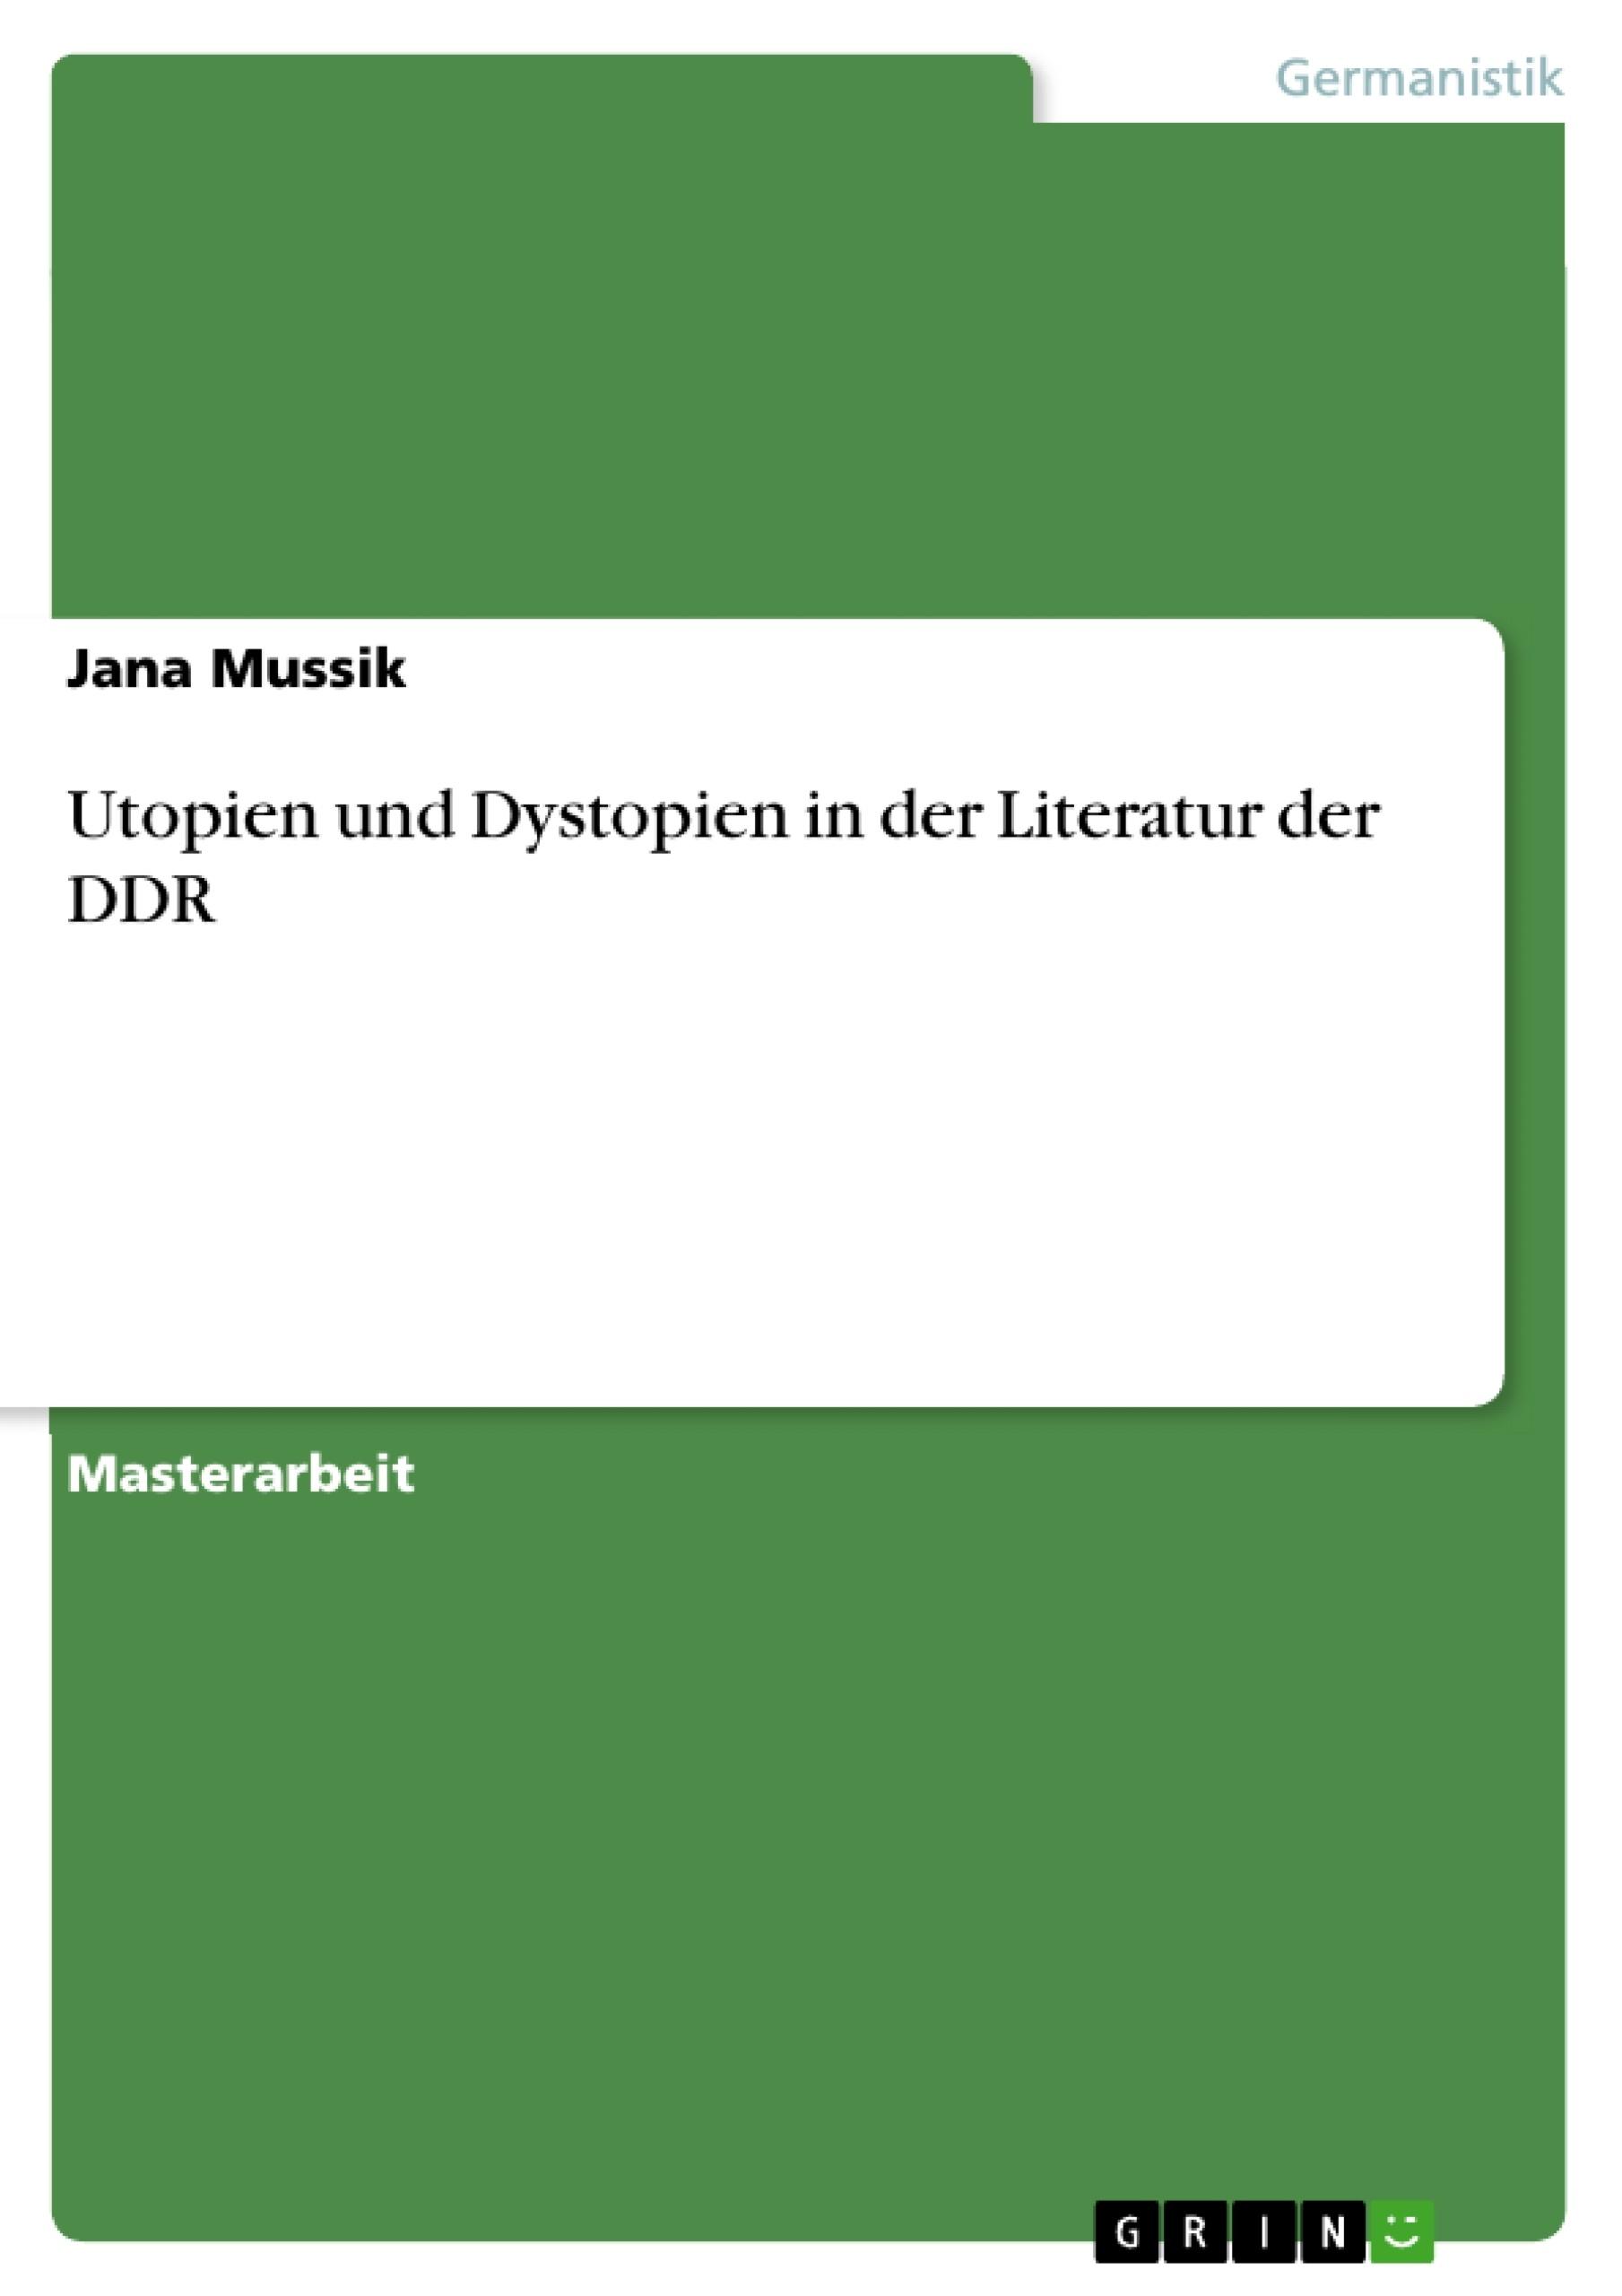 Titel: Utopien und Dystopien in der Literatur der DDR